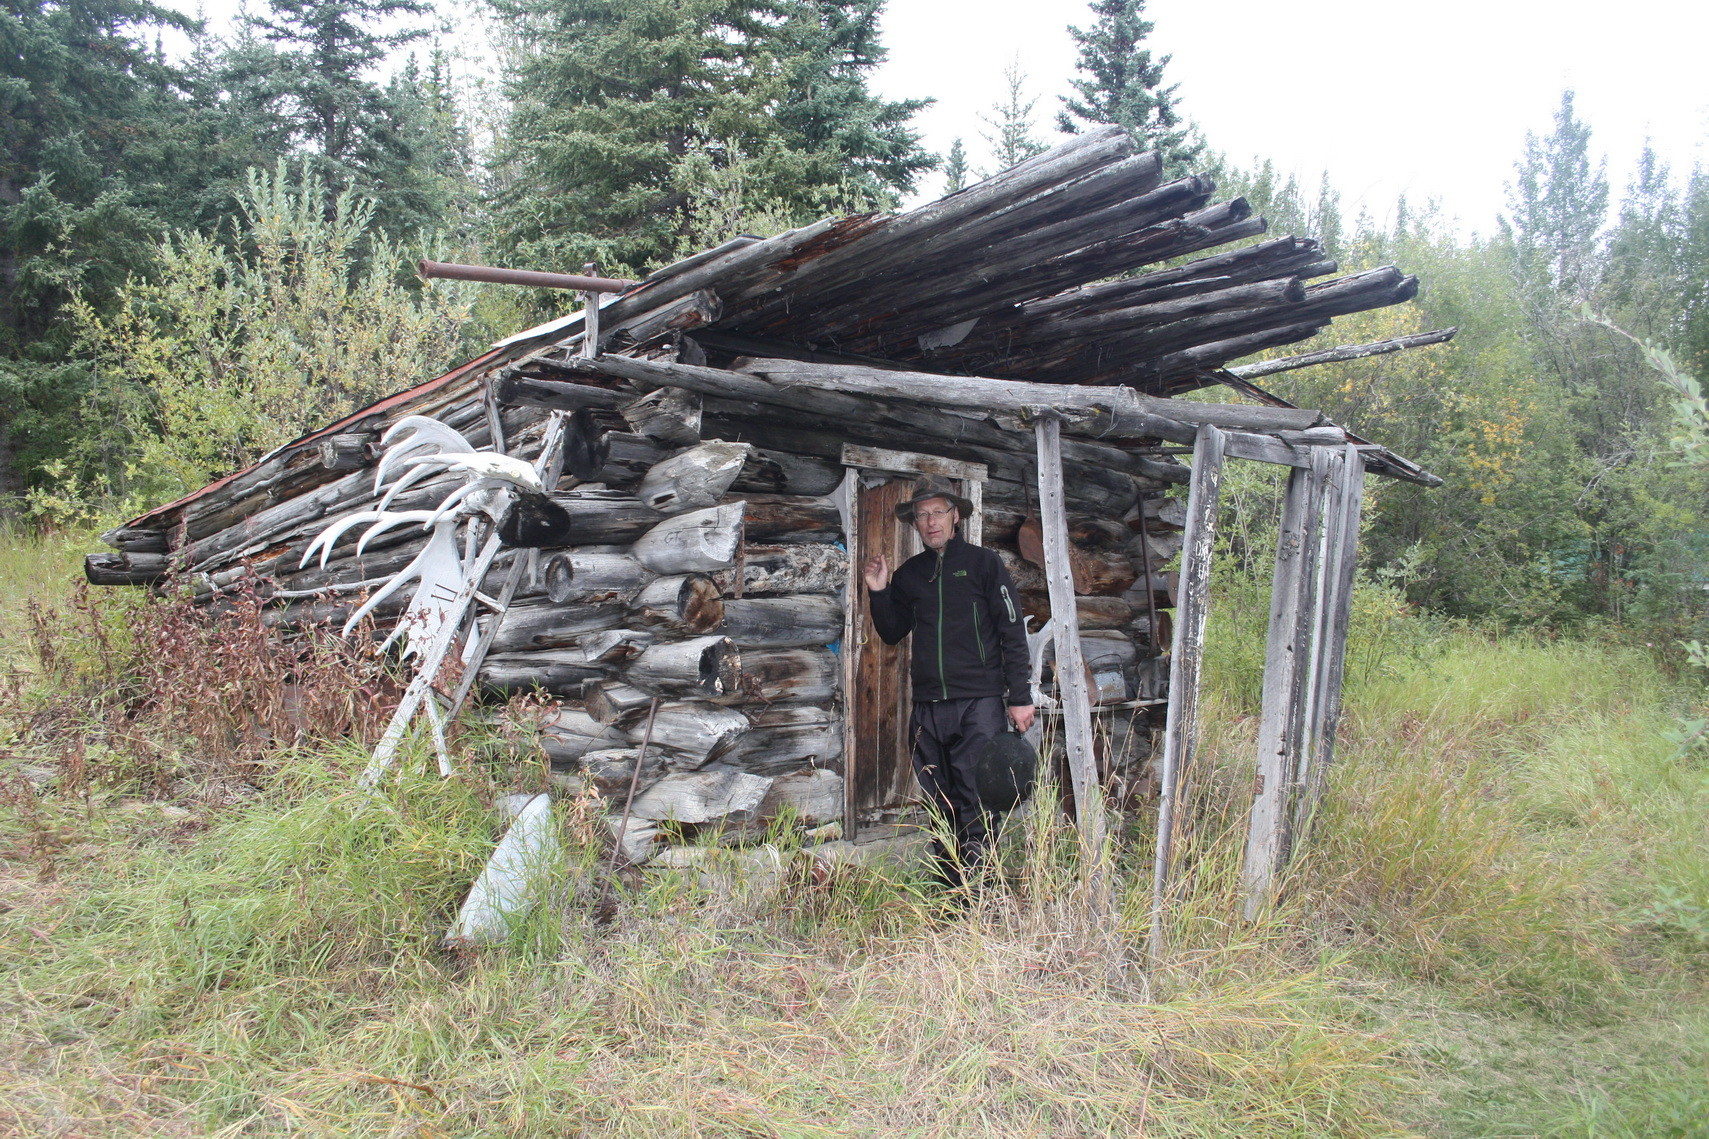 Alte Indianerhütte bei Hootalinga. Hier mündet der Teslin River in den Yukon River.